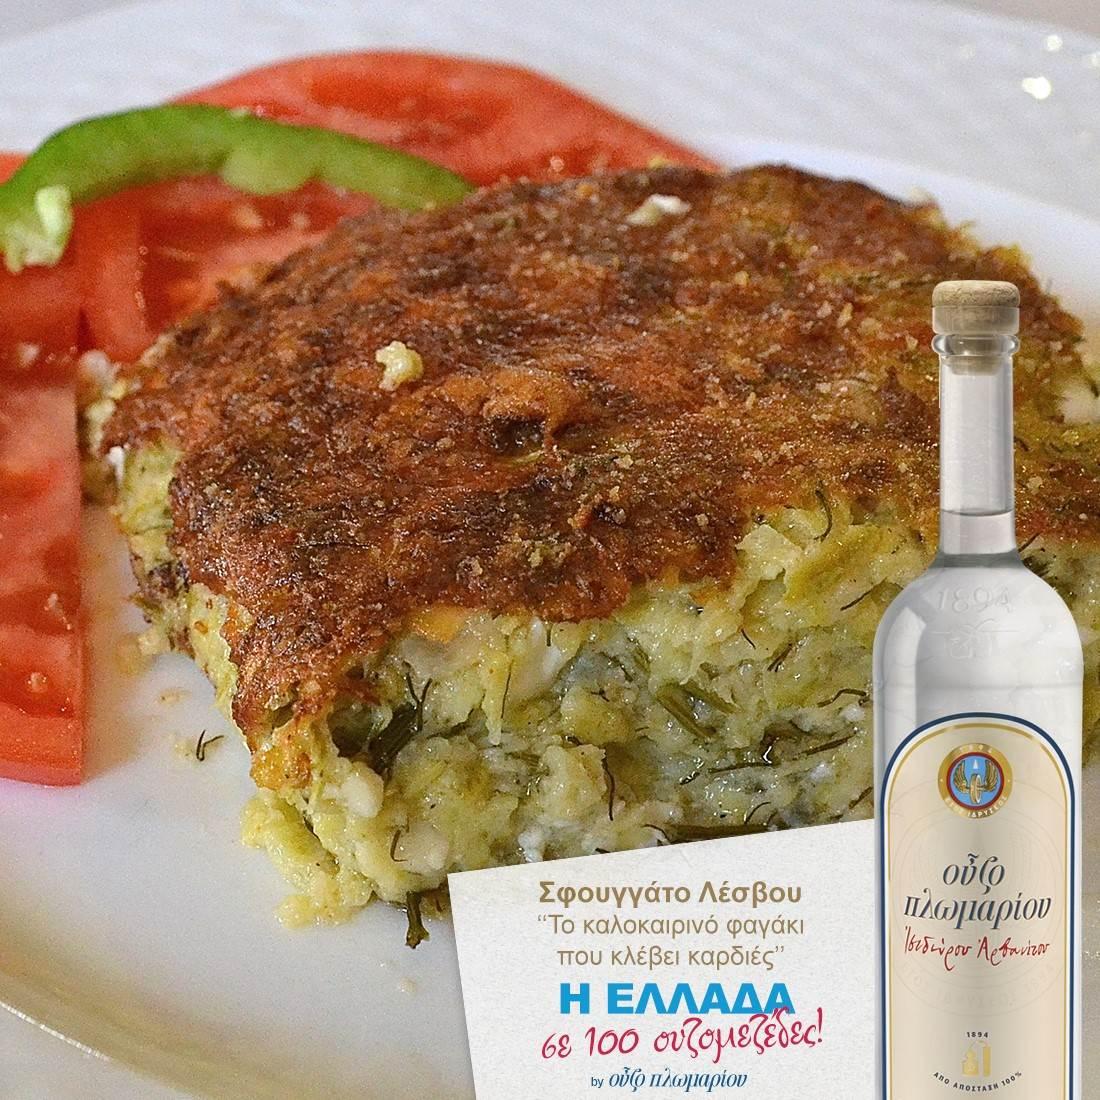 Σφουγγάτο Μυτιλήνης - Ουζομεζέδες - Greek Gastronomy Guide